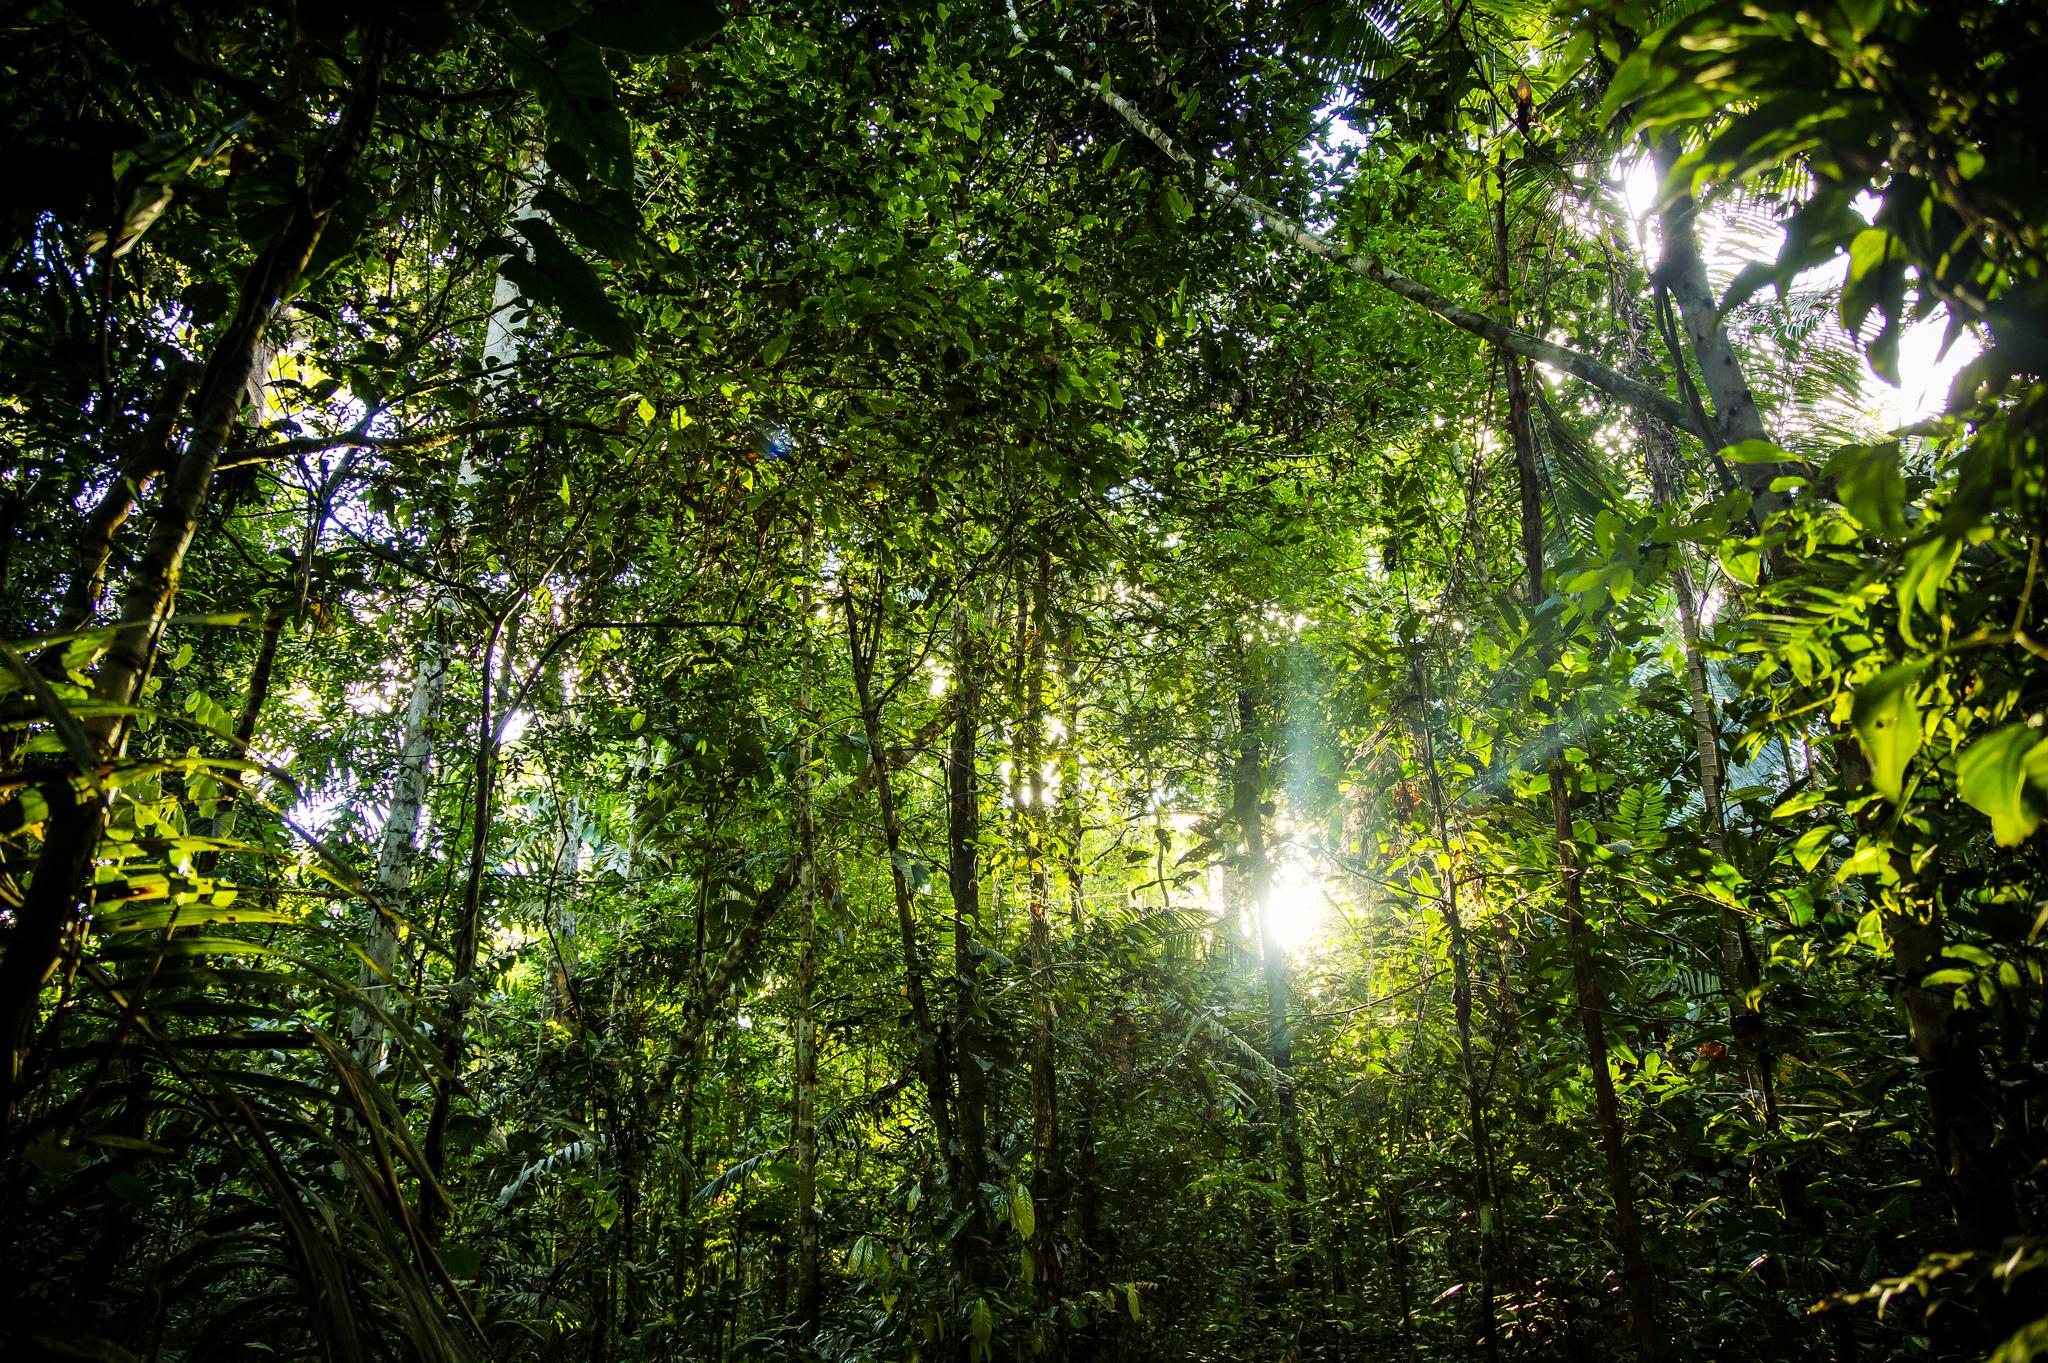 Les chiffres du gouvernement brésilien indiquent que la déforestation dans la forêt amazonienne du pays a atteint son plus haut niveau depuis 2008